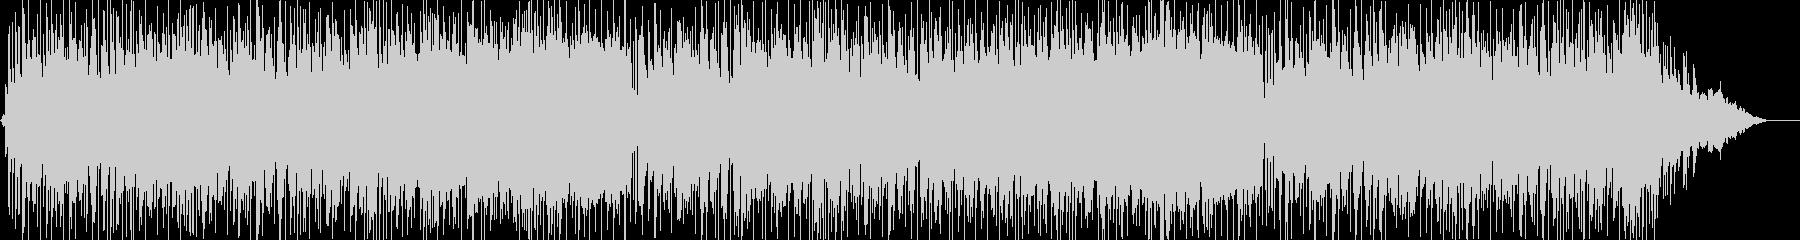 琴&尺八のBGM [和風テイスト] の未再生の波形